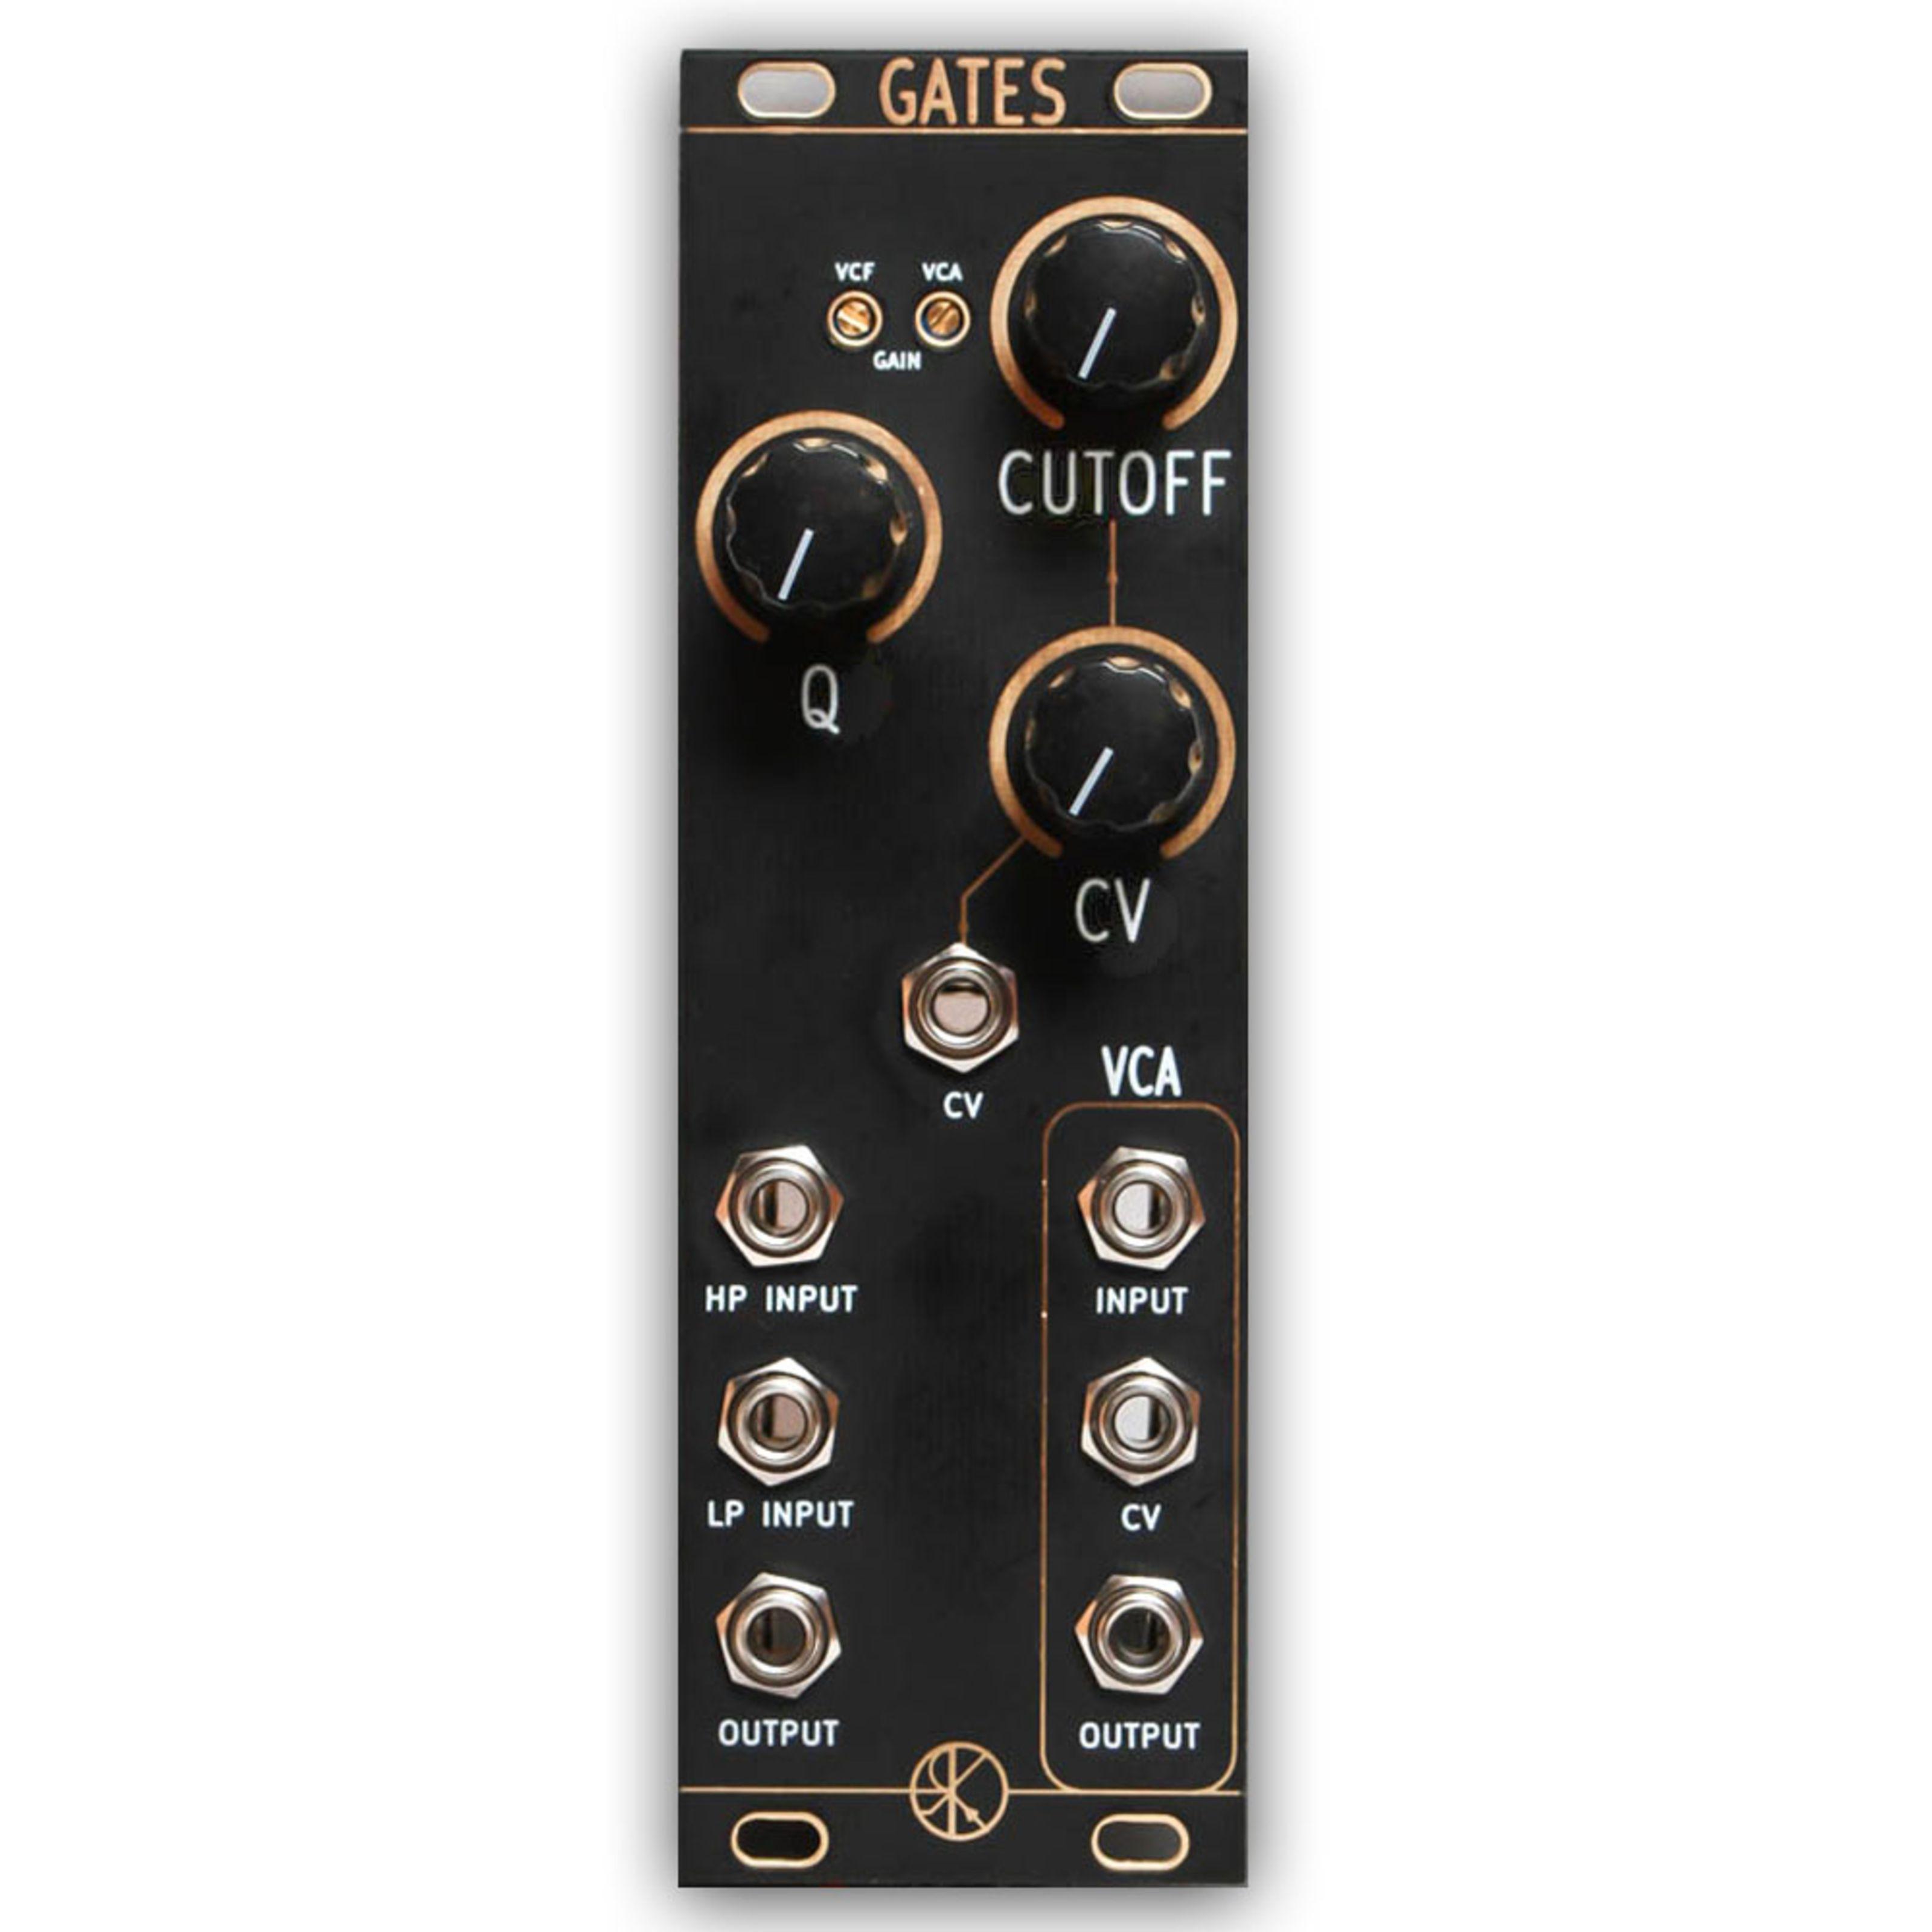 Rat King Modular - GATES RKM-C-GATES